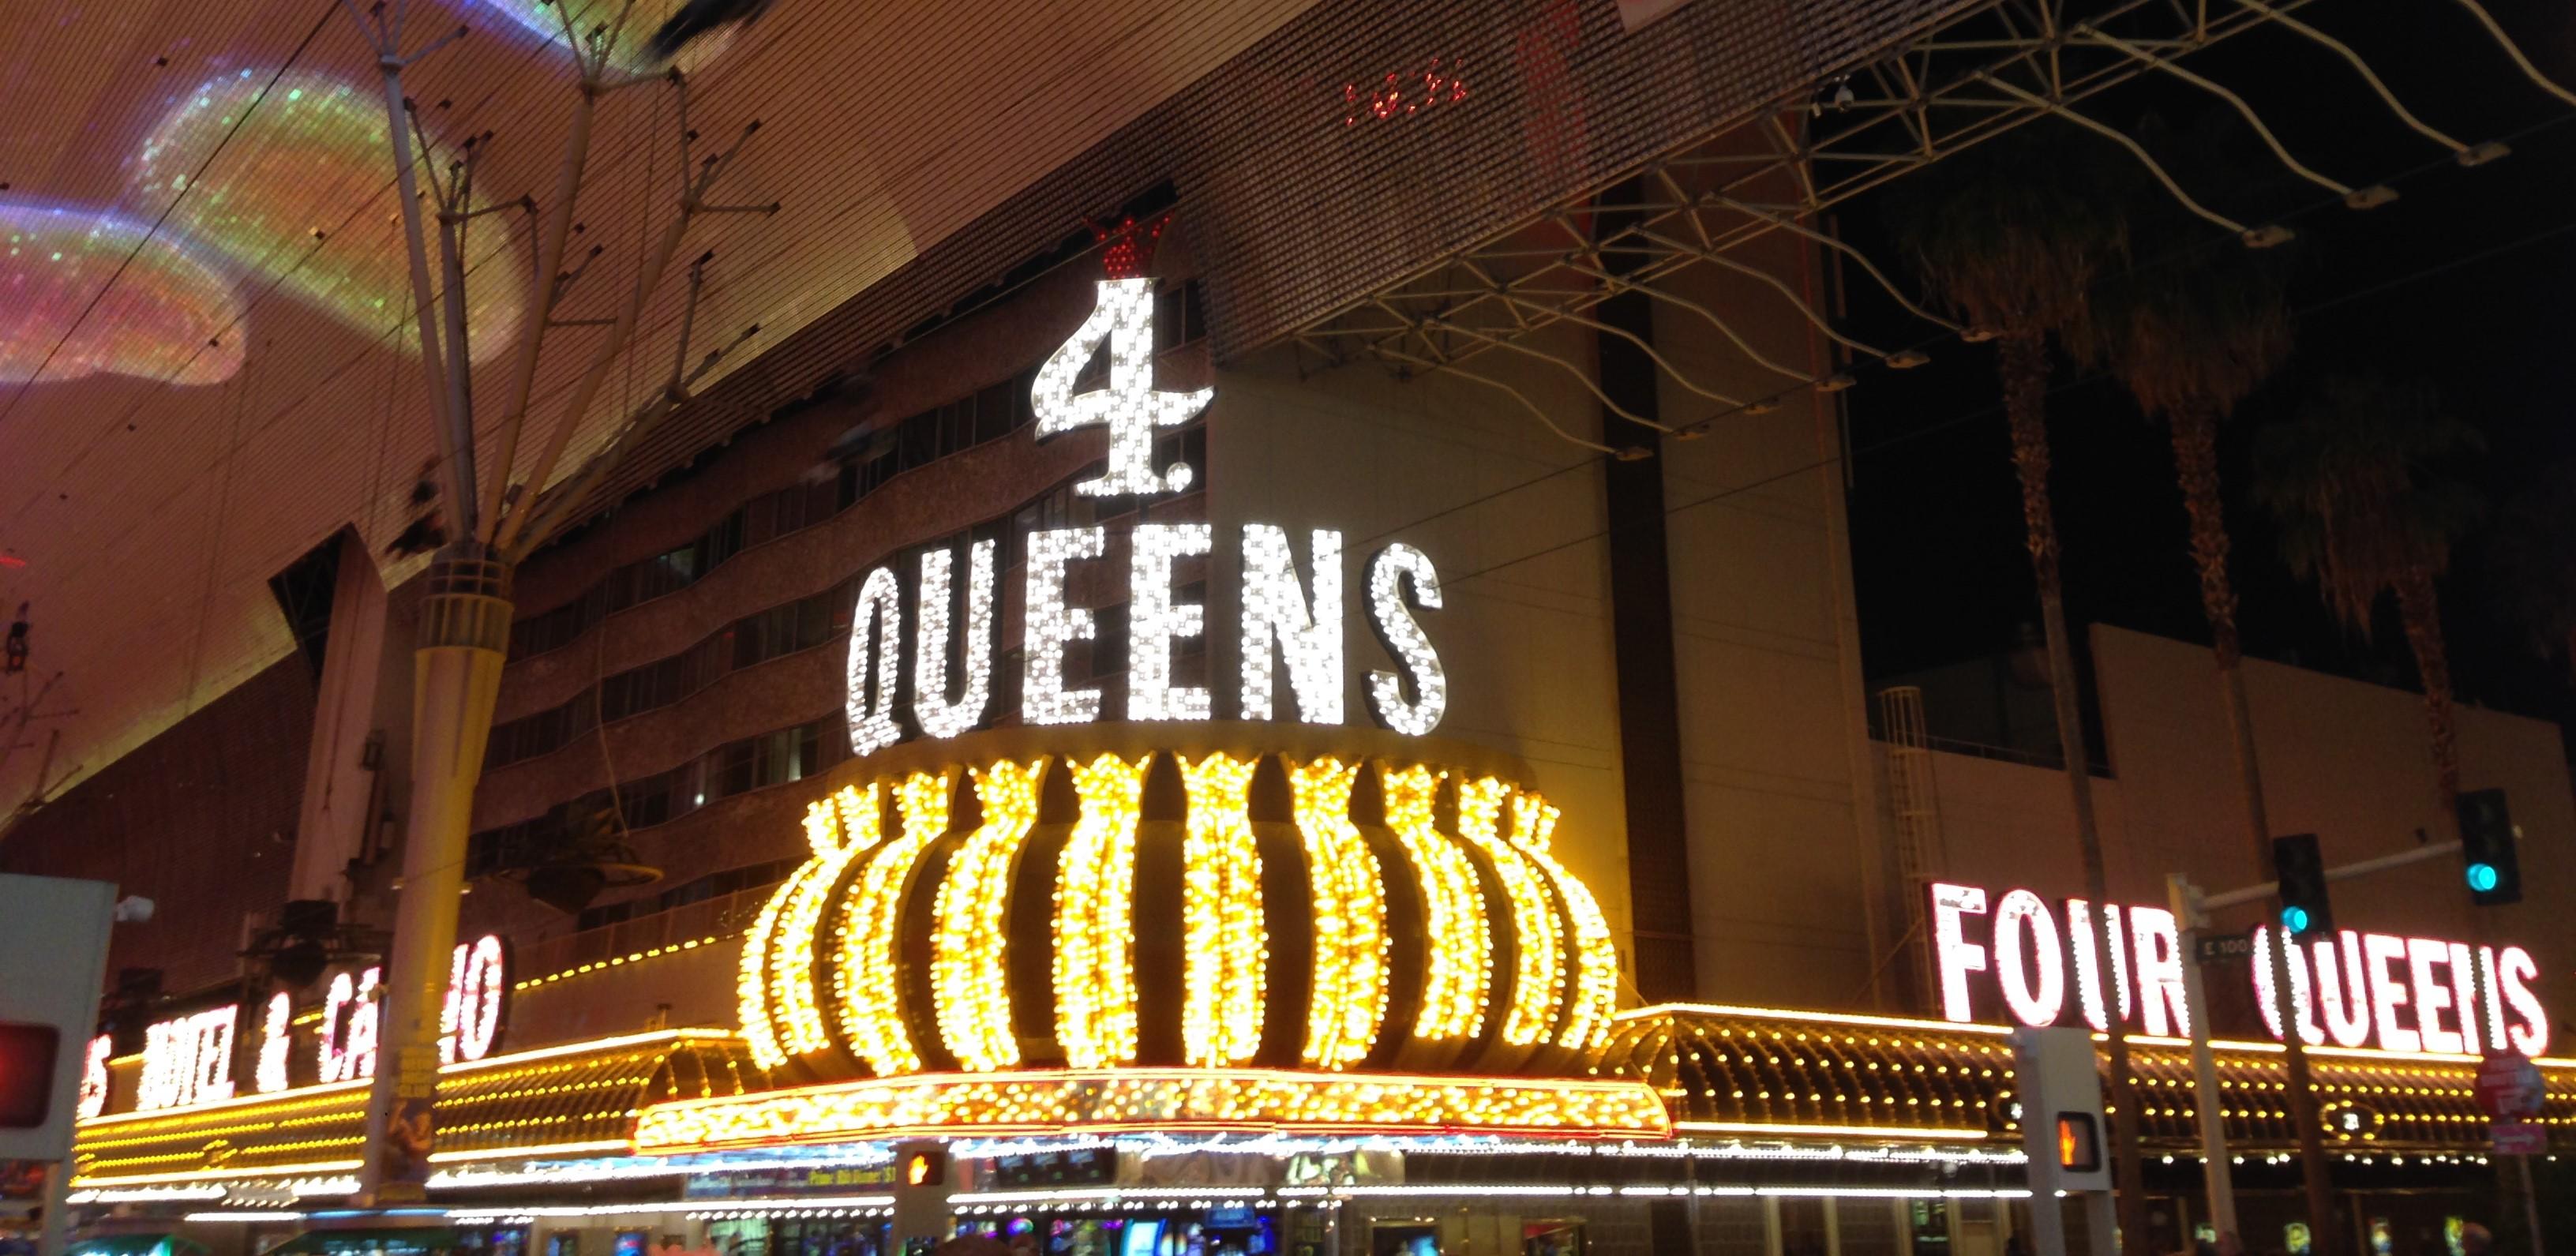 Four Queens Hotel and Casino 2019, Las Vegas 2019, Fremont Street Experience 2019, Four Queens Las Vegas 2019, Four Queens Hotel and Casino 2019, Four Queens 2019